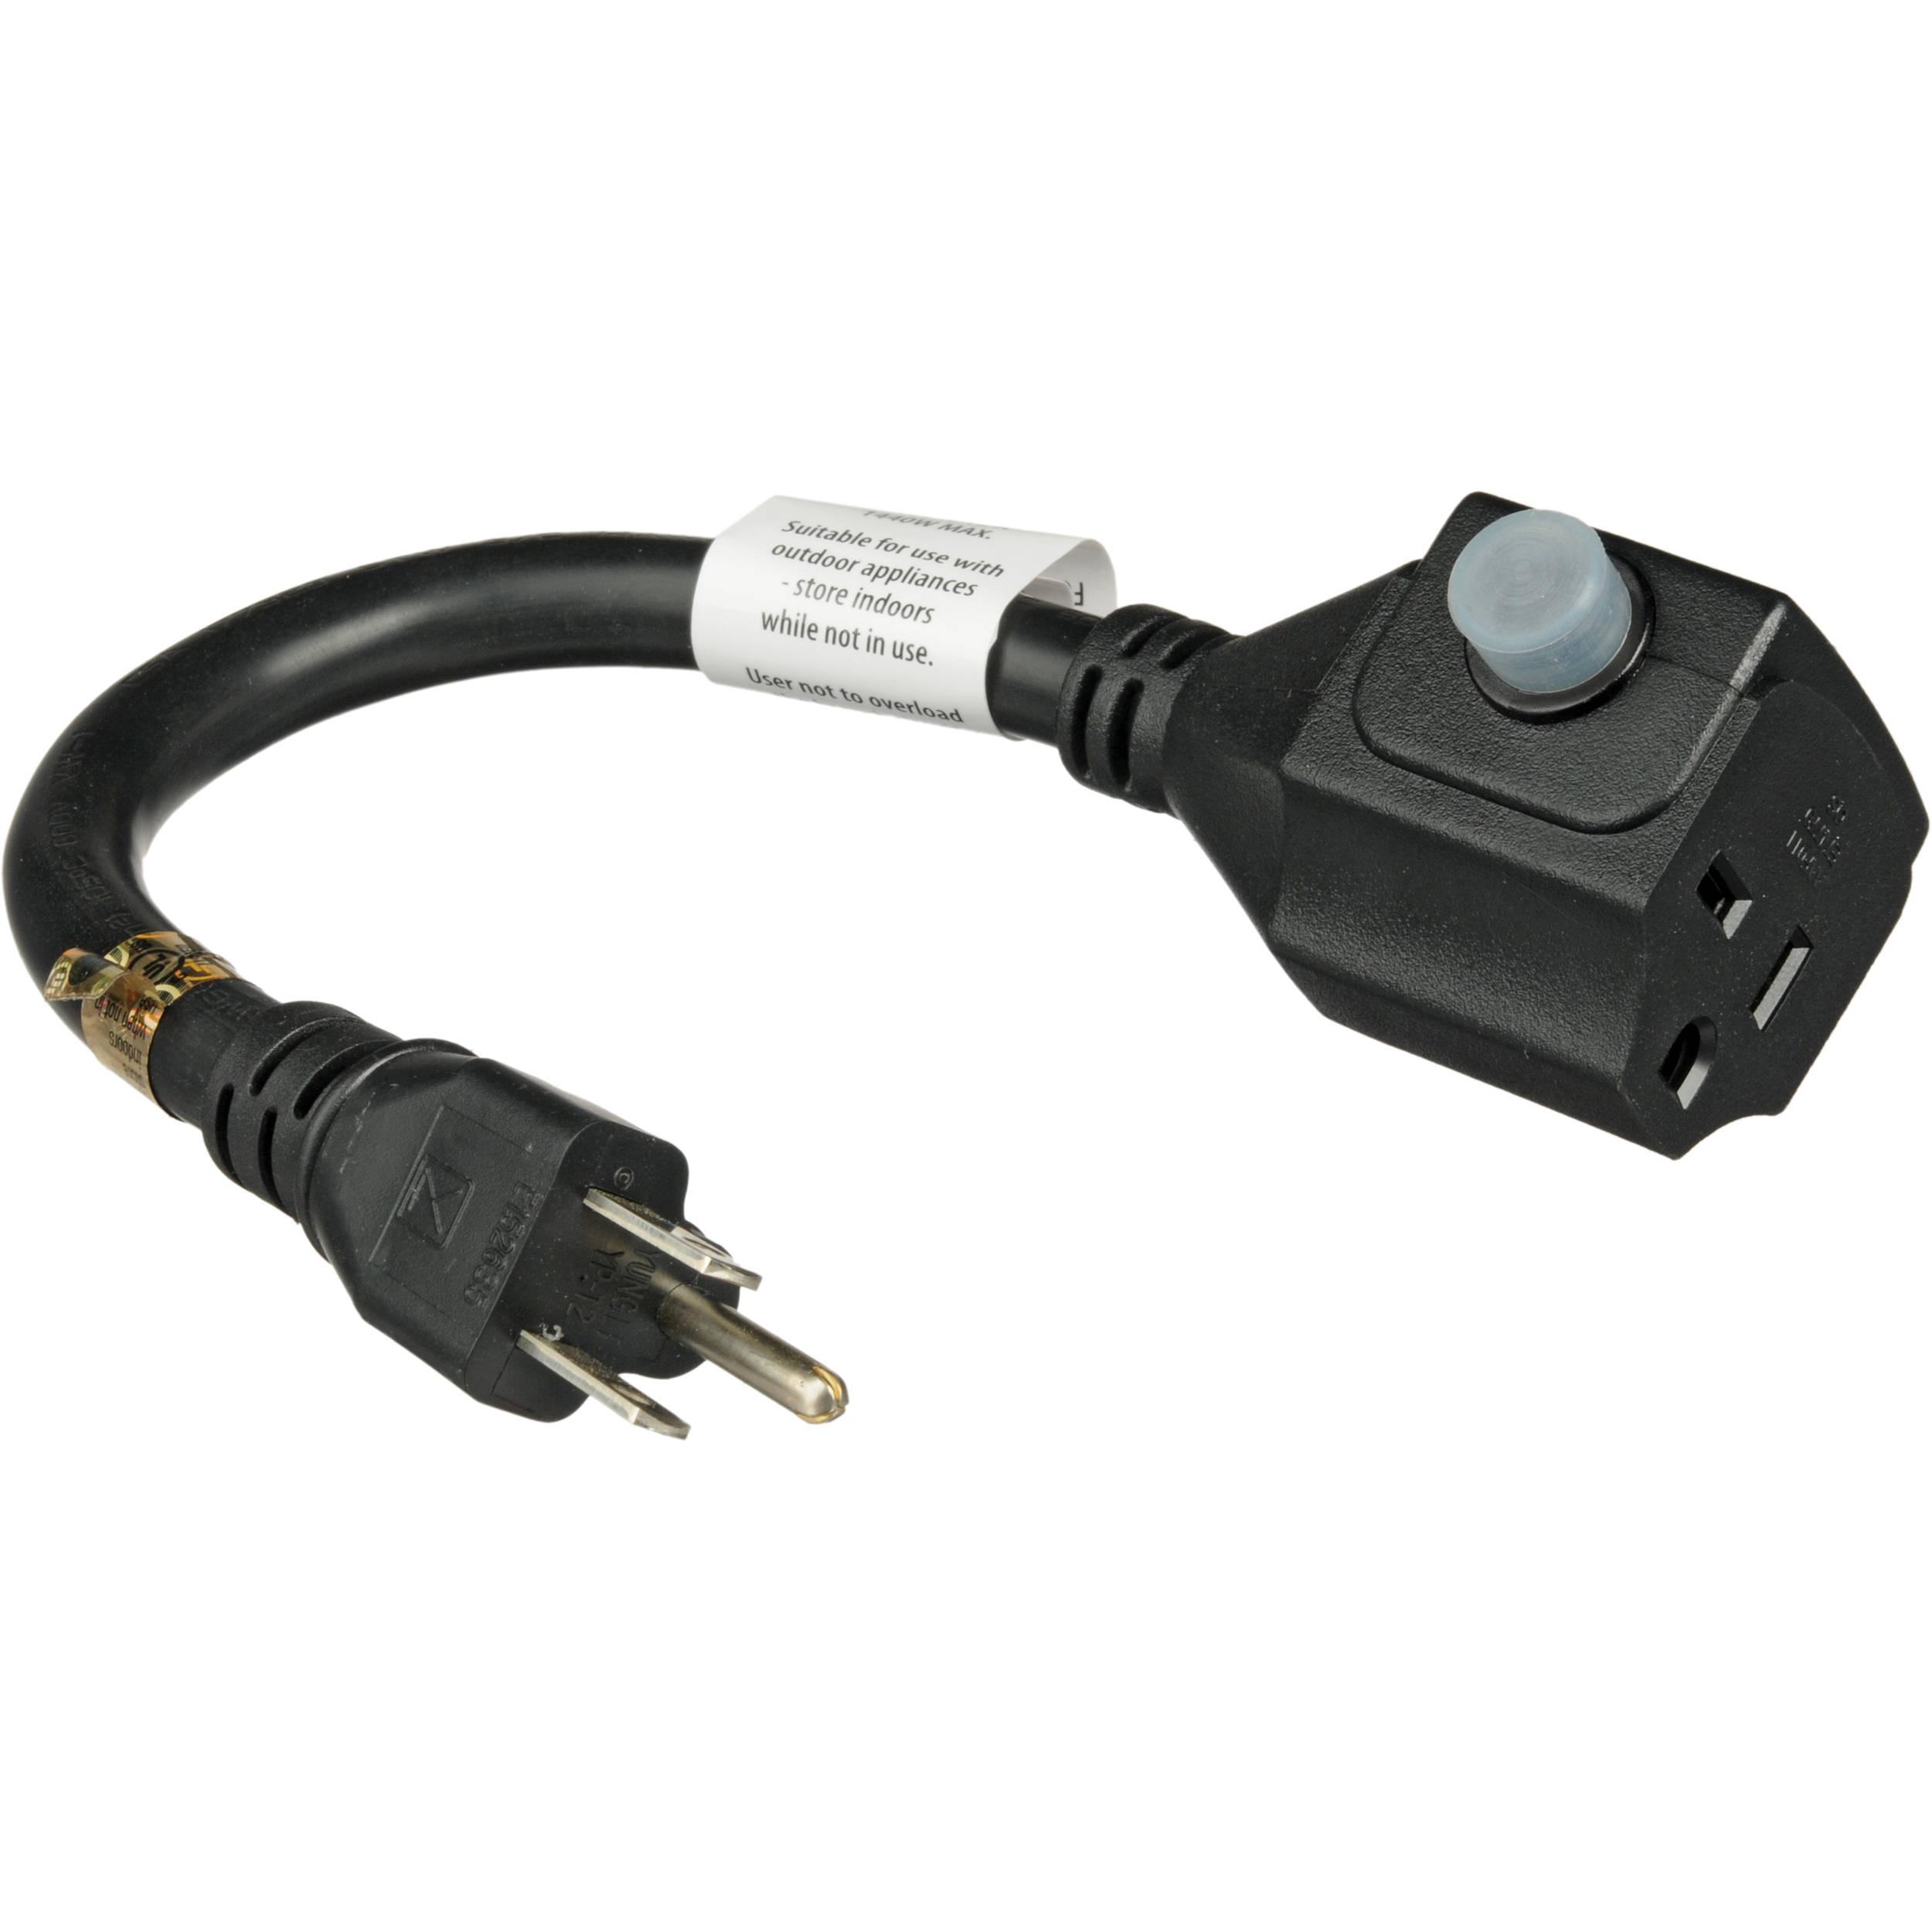 Furman ADP-1520B Adapter Cord ADP-1520B B&H Photo Video